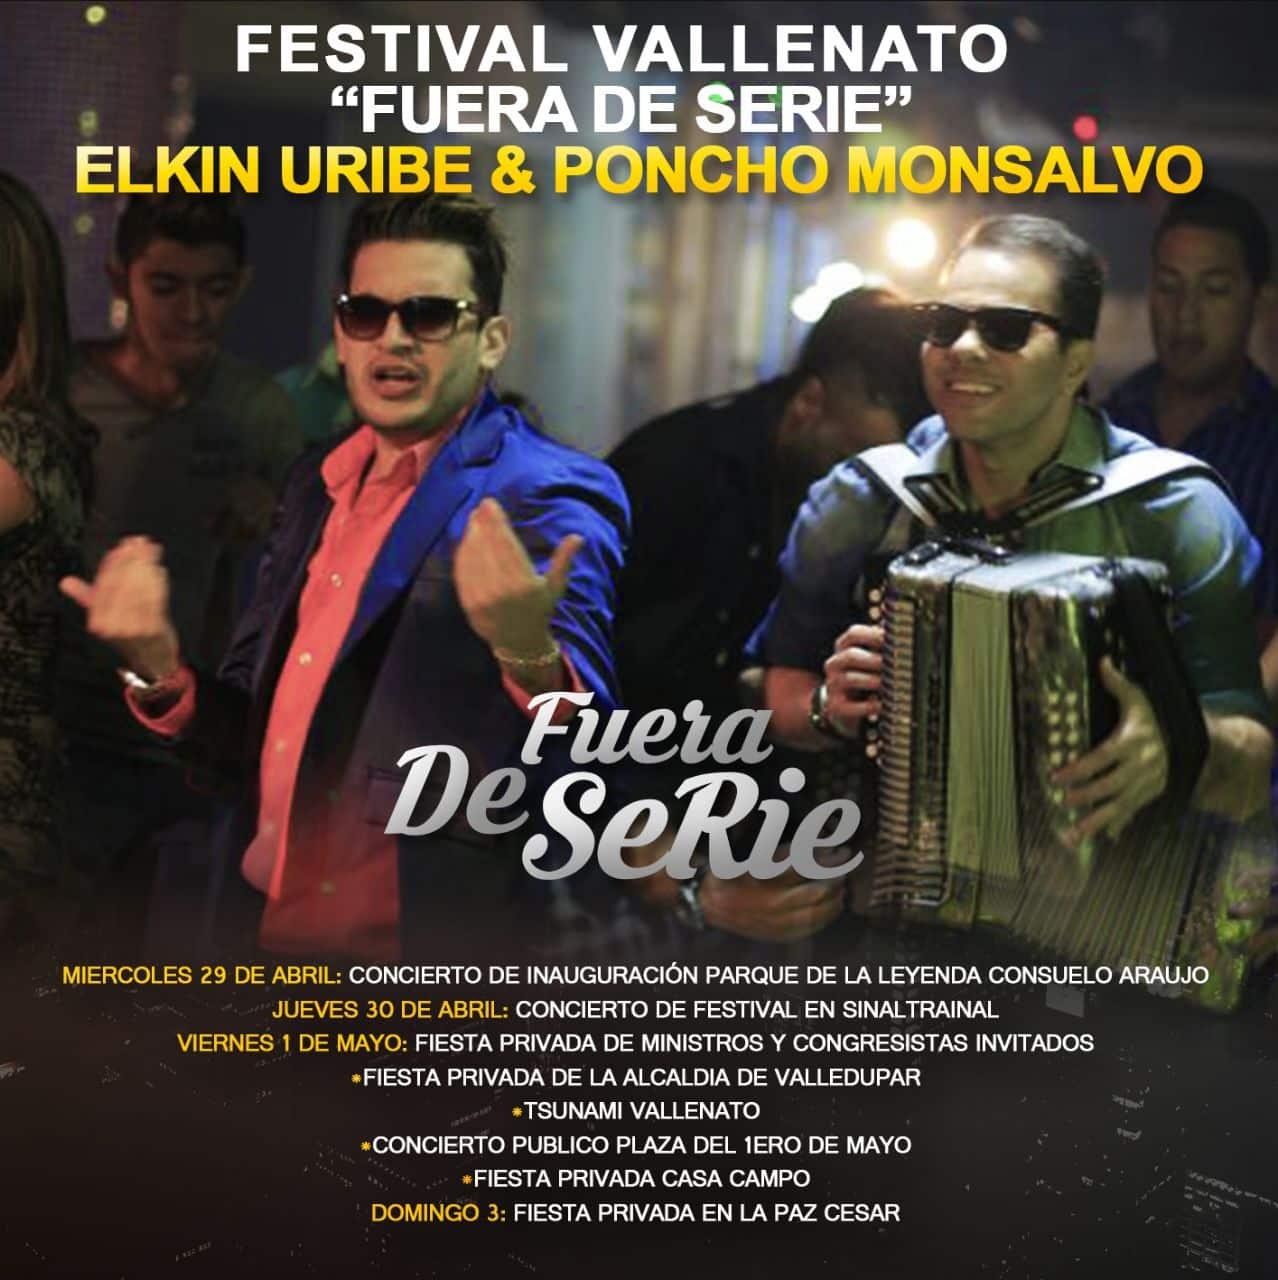 Un Festival Vallenato 'Fuera de Serie' para Elkin Uribe y Poncho Monsalvo